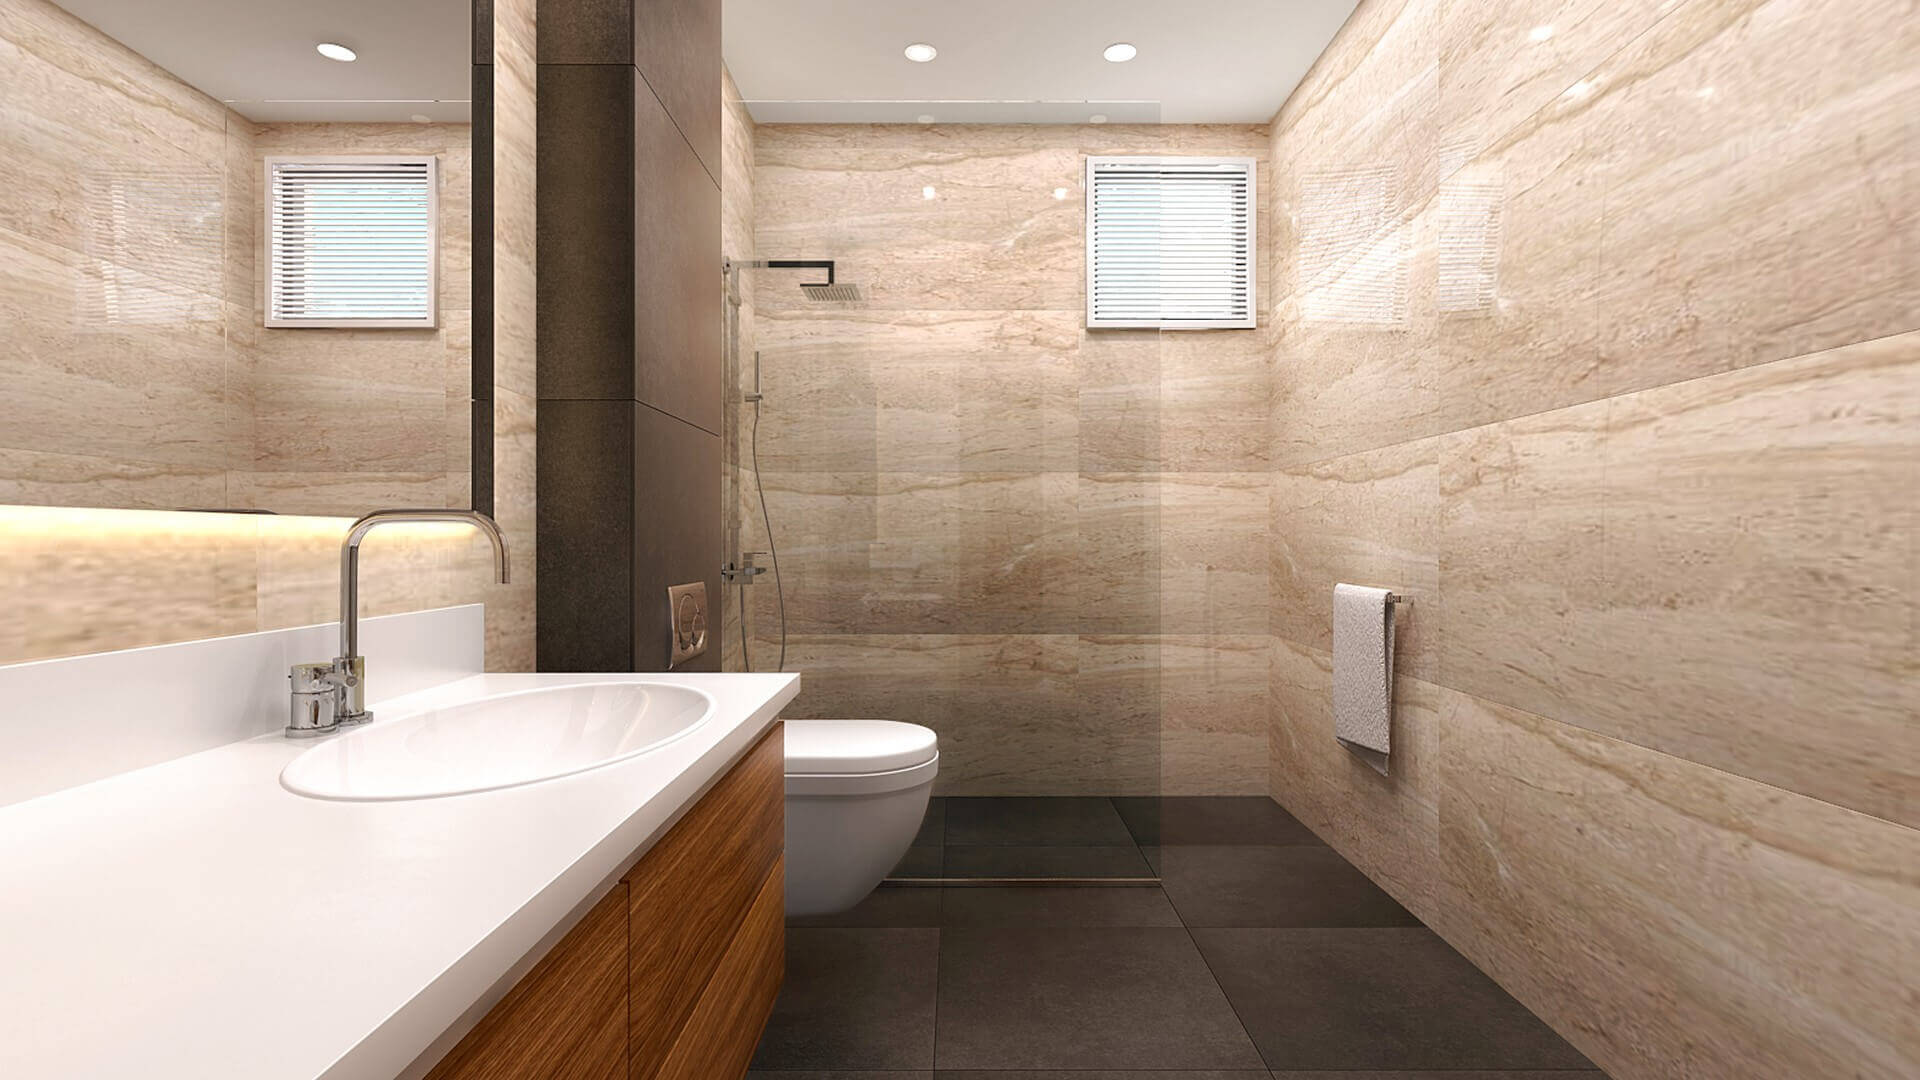 home inspiration 3006 E. Uslu Konutu Residential